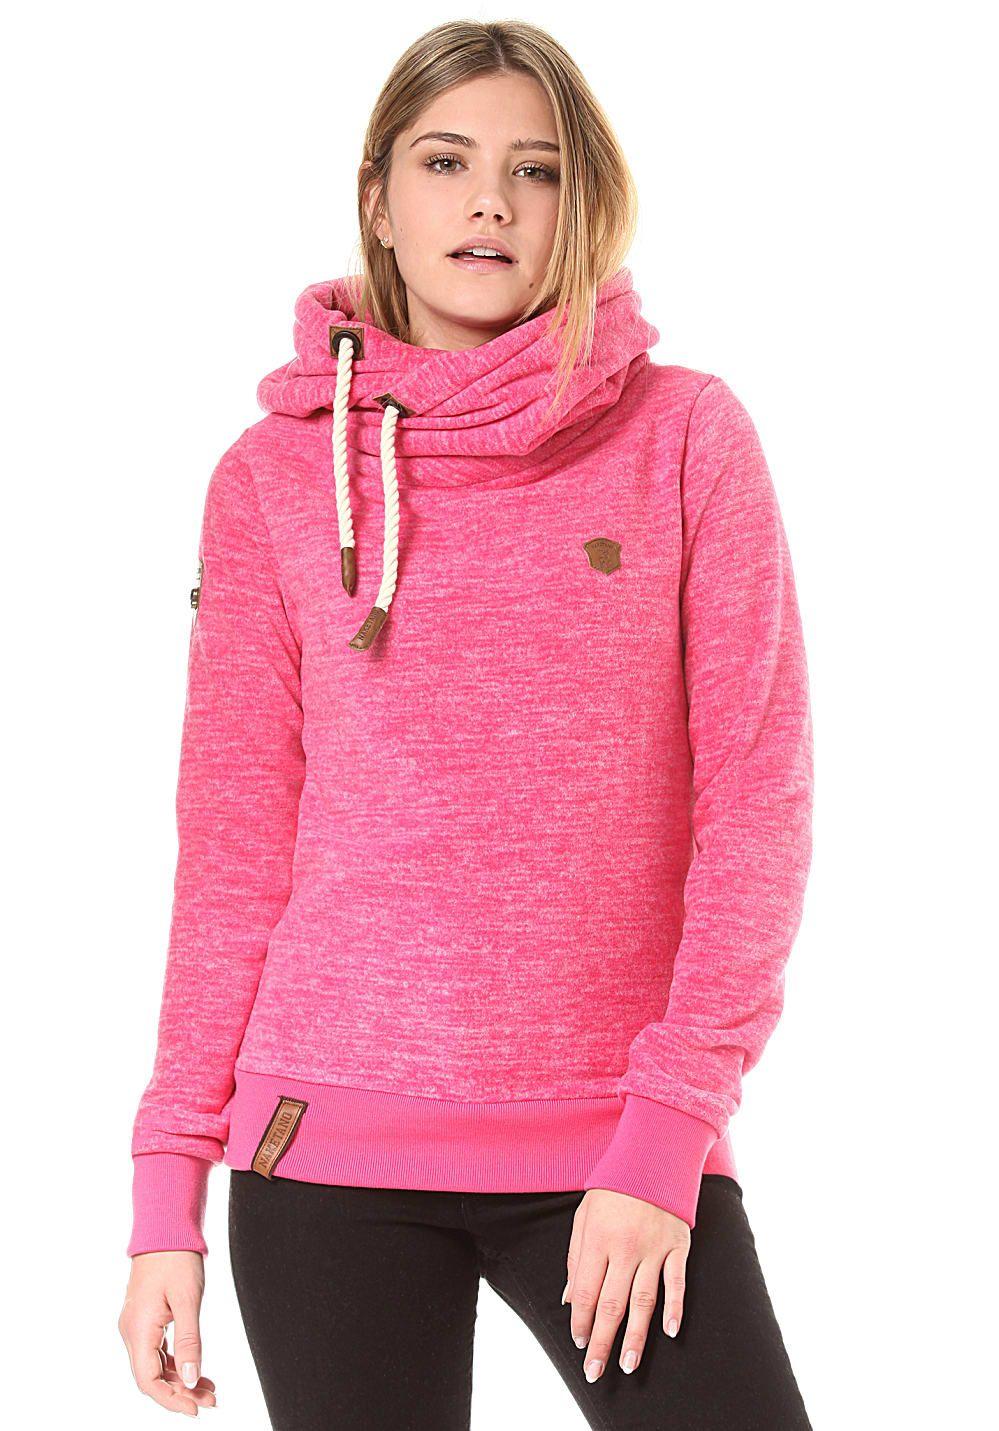 89a884478cbb Naketano Glitzermuschi - Kapuzenpullover für Damen - Pink Jetzt bestellen  unter  https   mode.ladendirekt.de damen bekleidung pullover kapuzenpullover  uid   ...